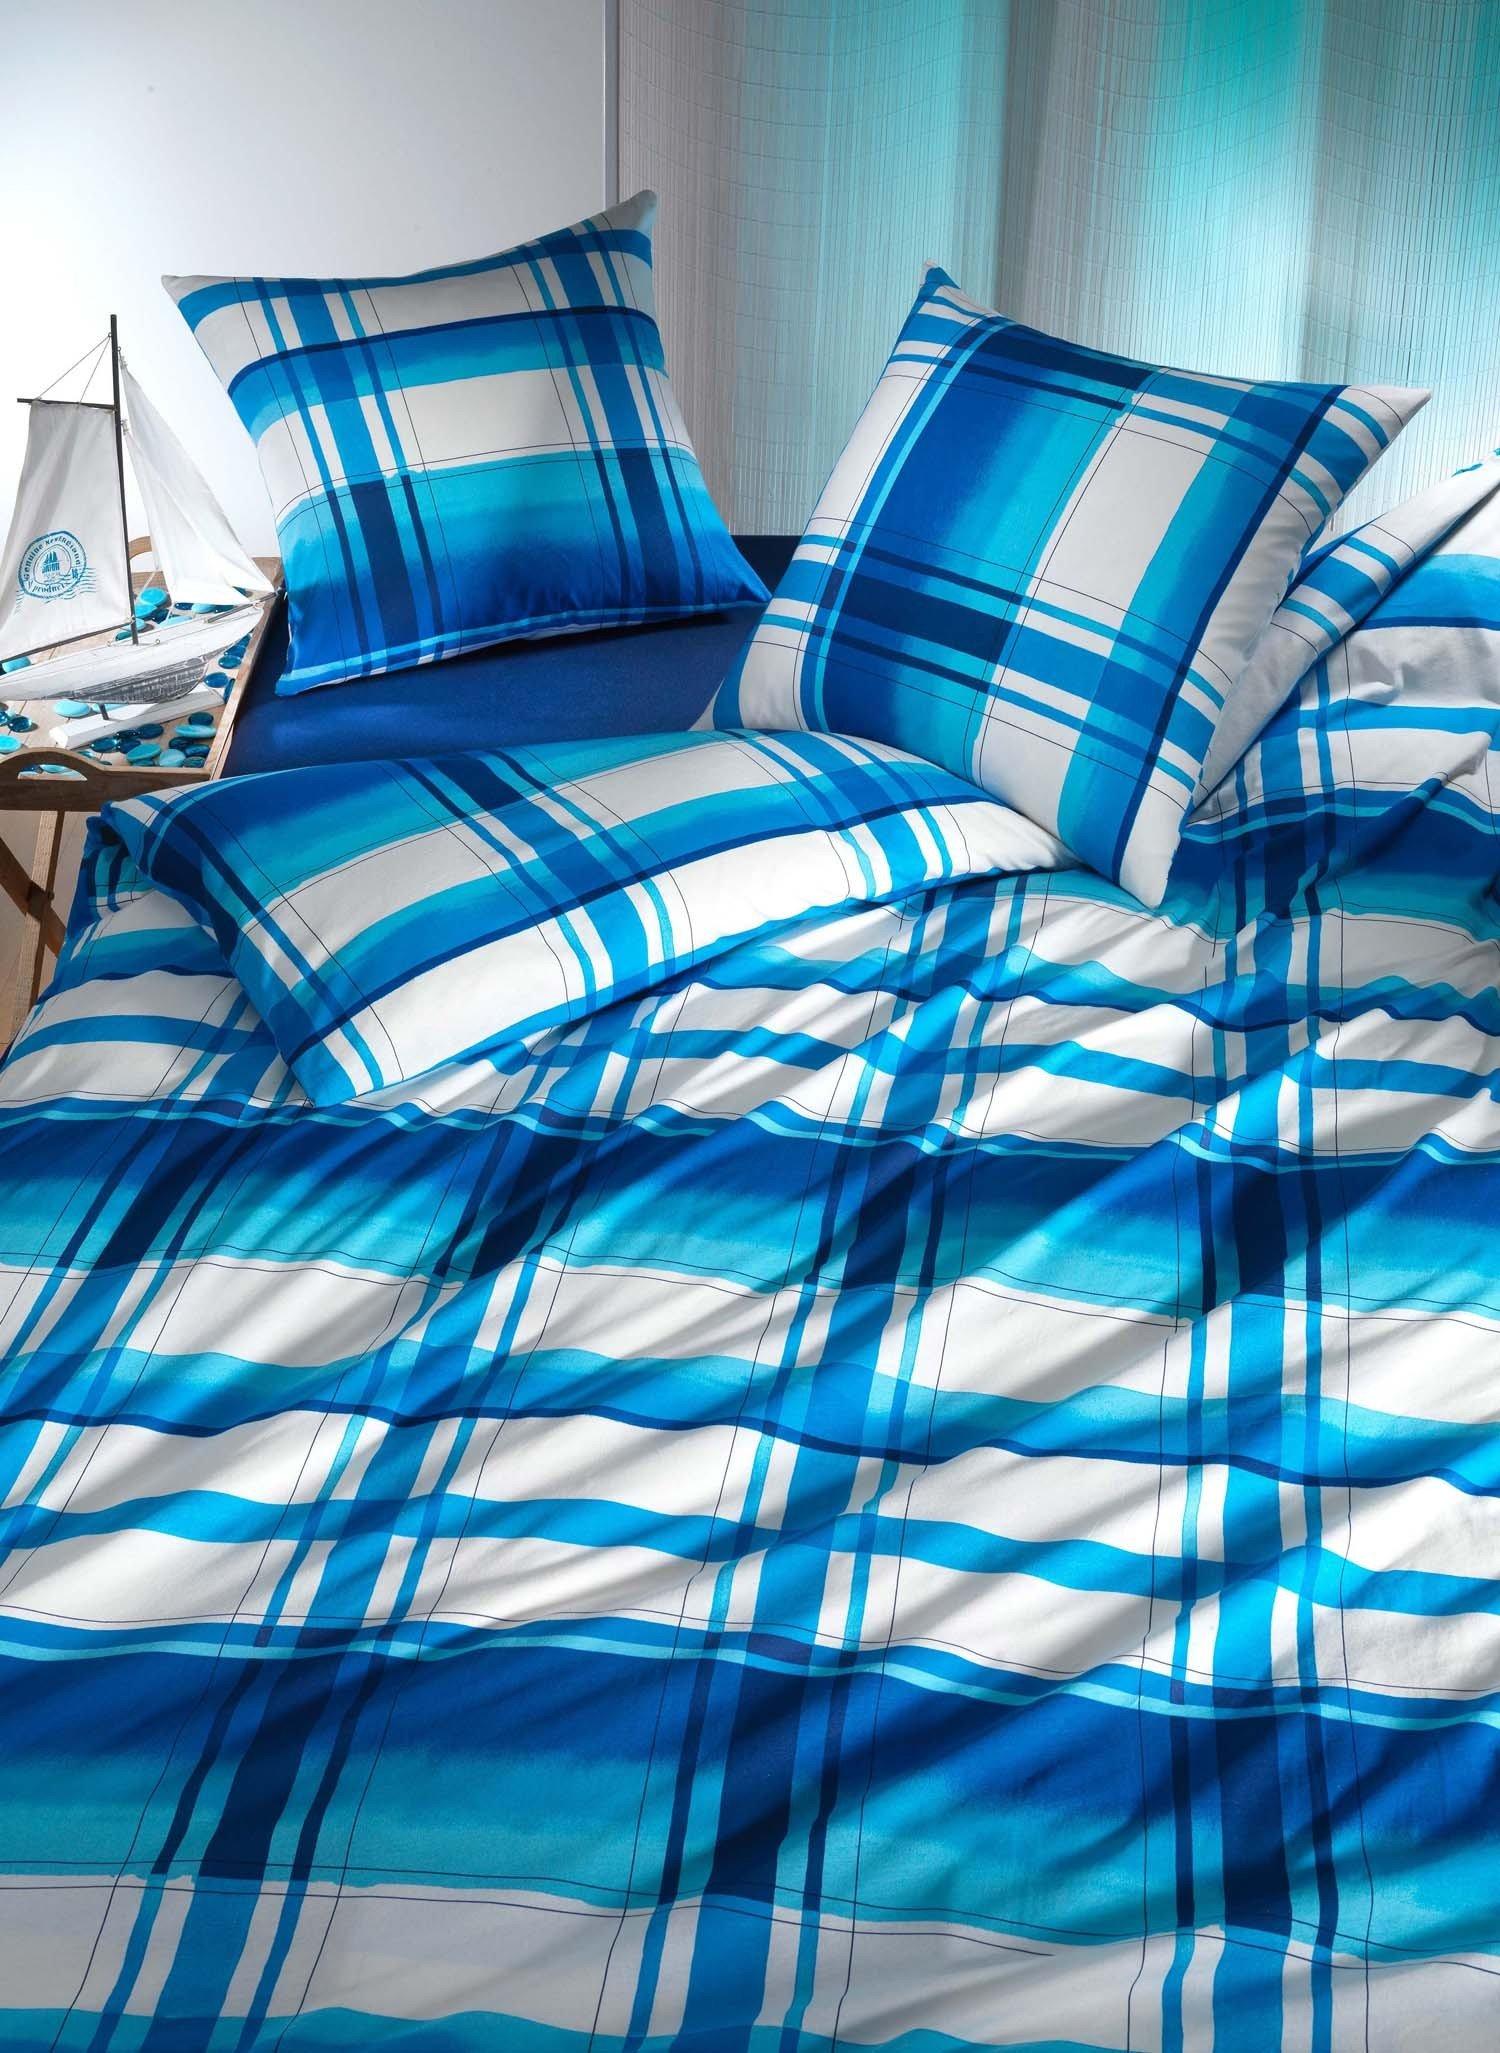 """J-Kissen""""QUADRO""""65x65cm w/blau - 1 - Ronja.ch"""